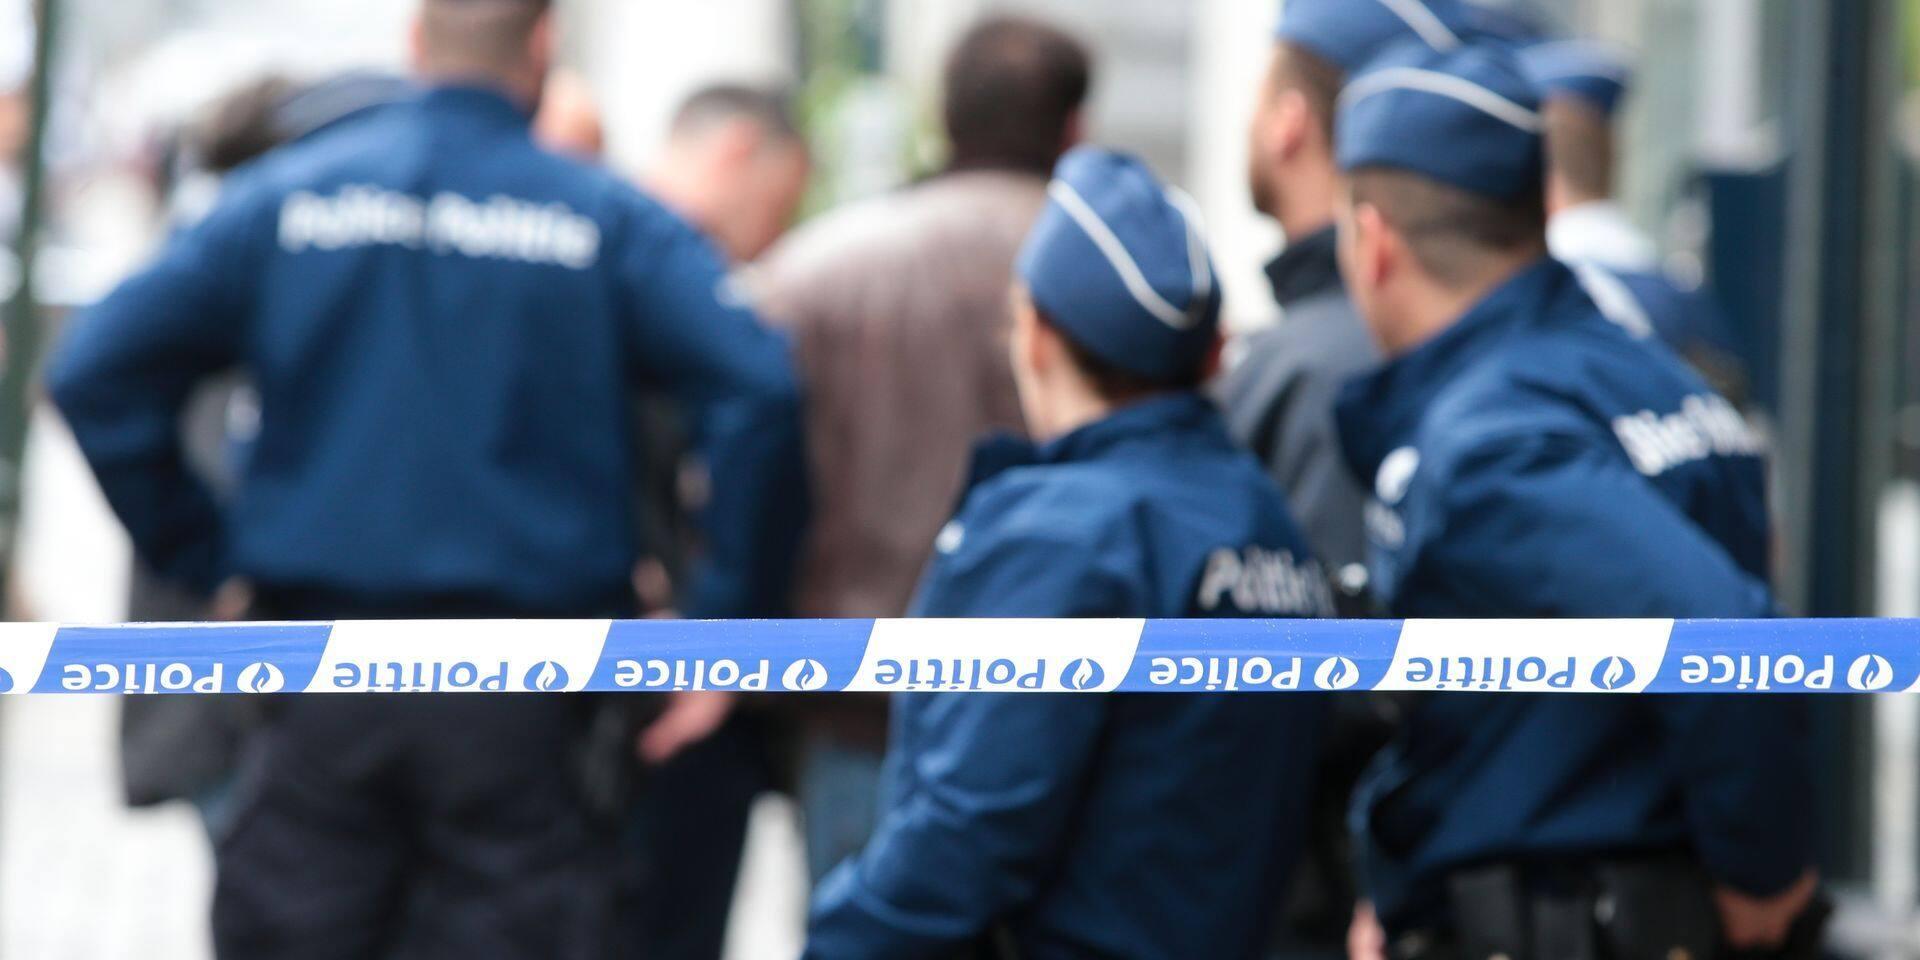 Anderlecht : Appel du parquet contre la peine de travail du jeune ayant volé une arme de police